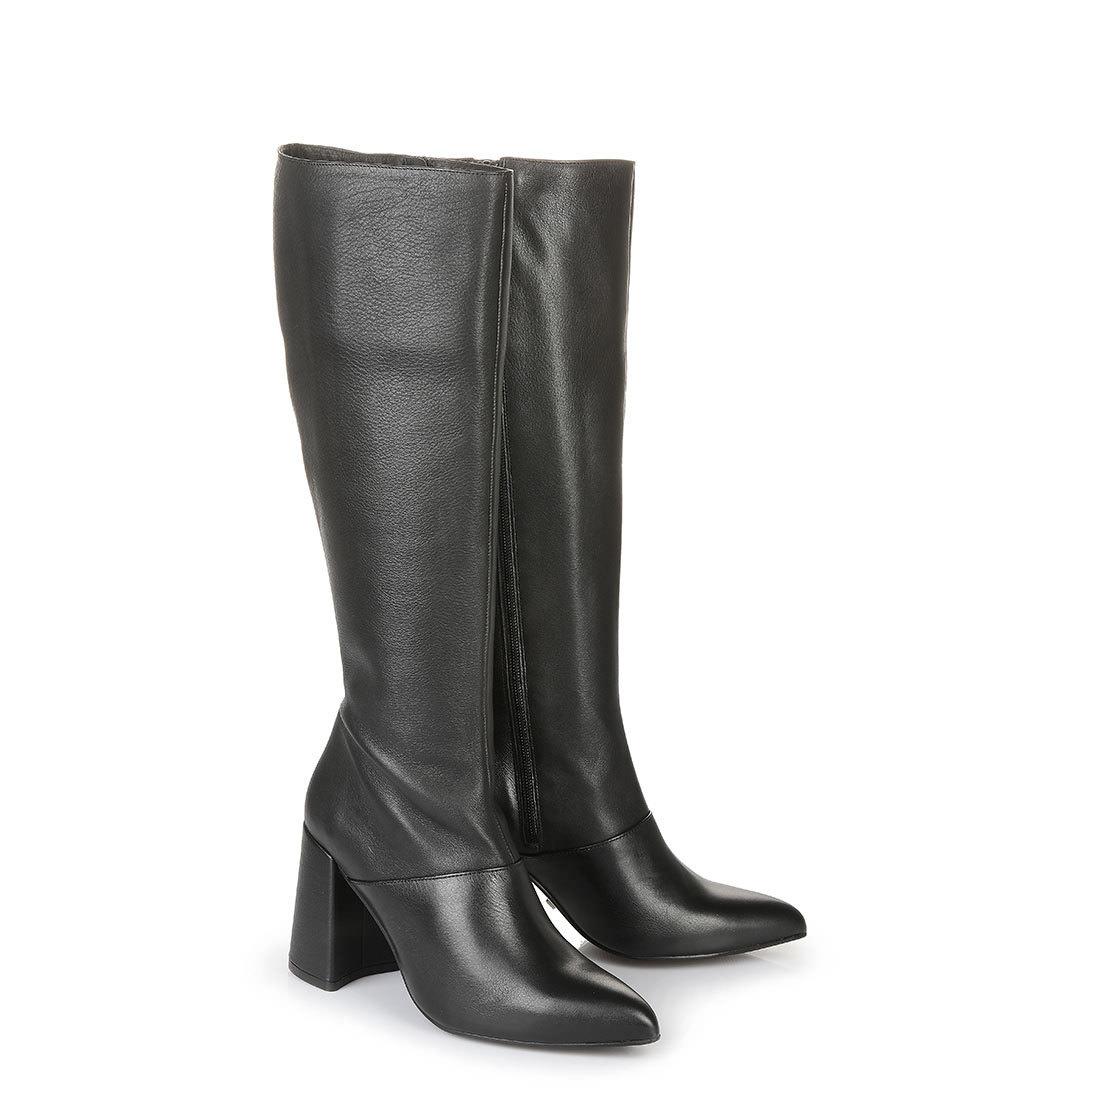 Buffalo Stiefel in schwarz mit Blockabsatz online kaufen